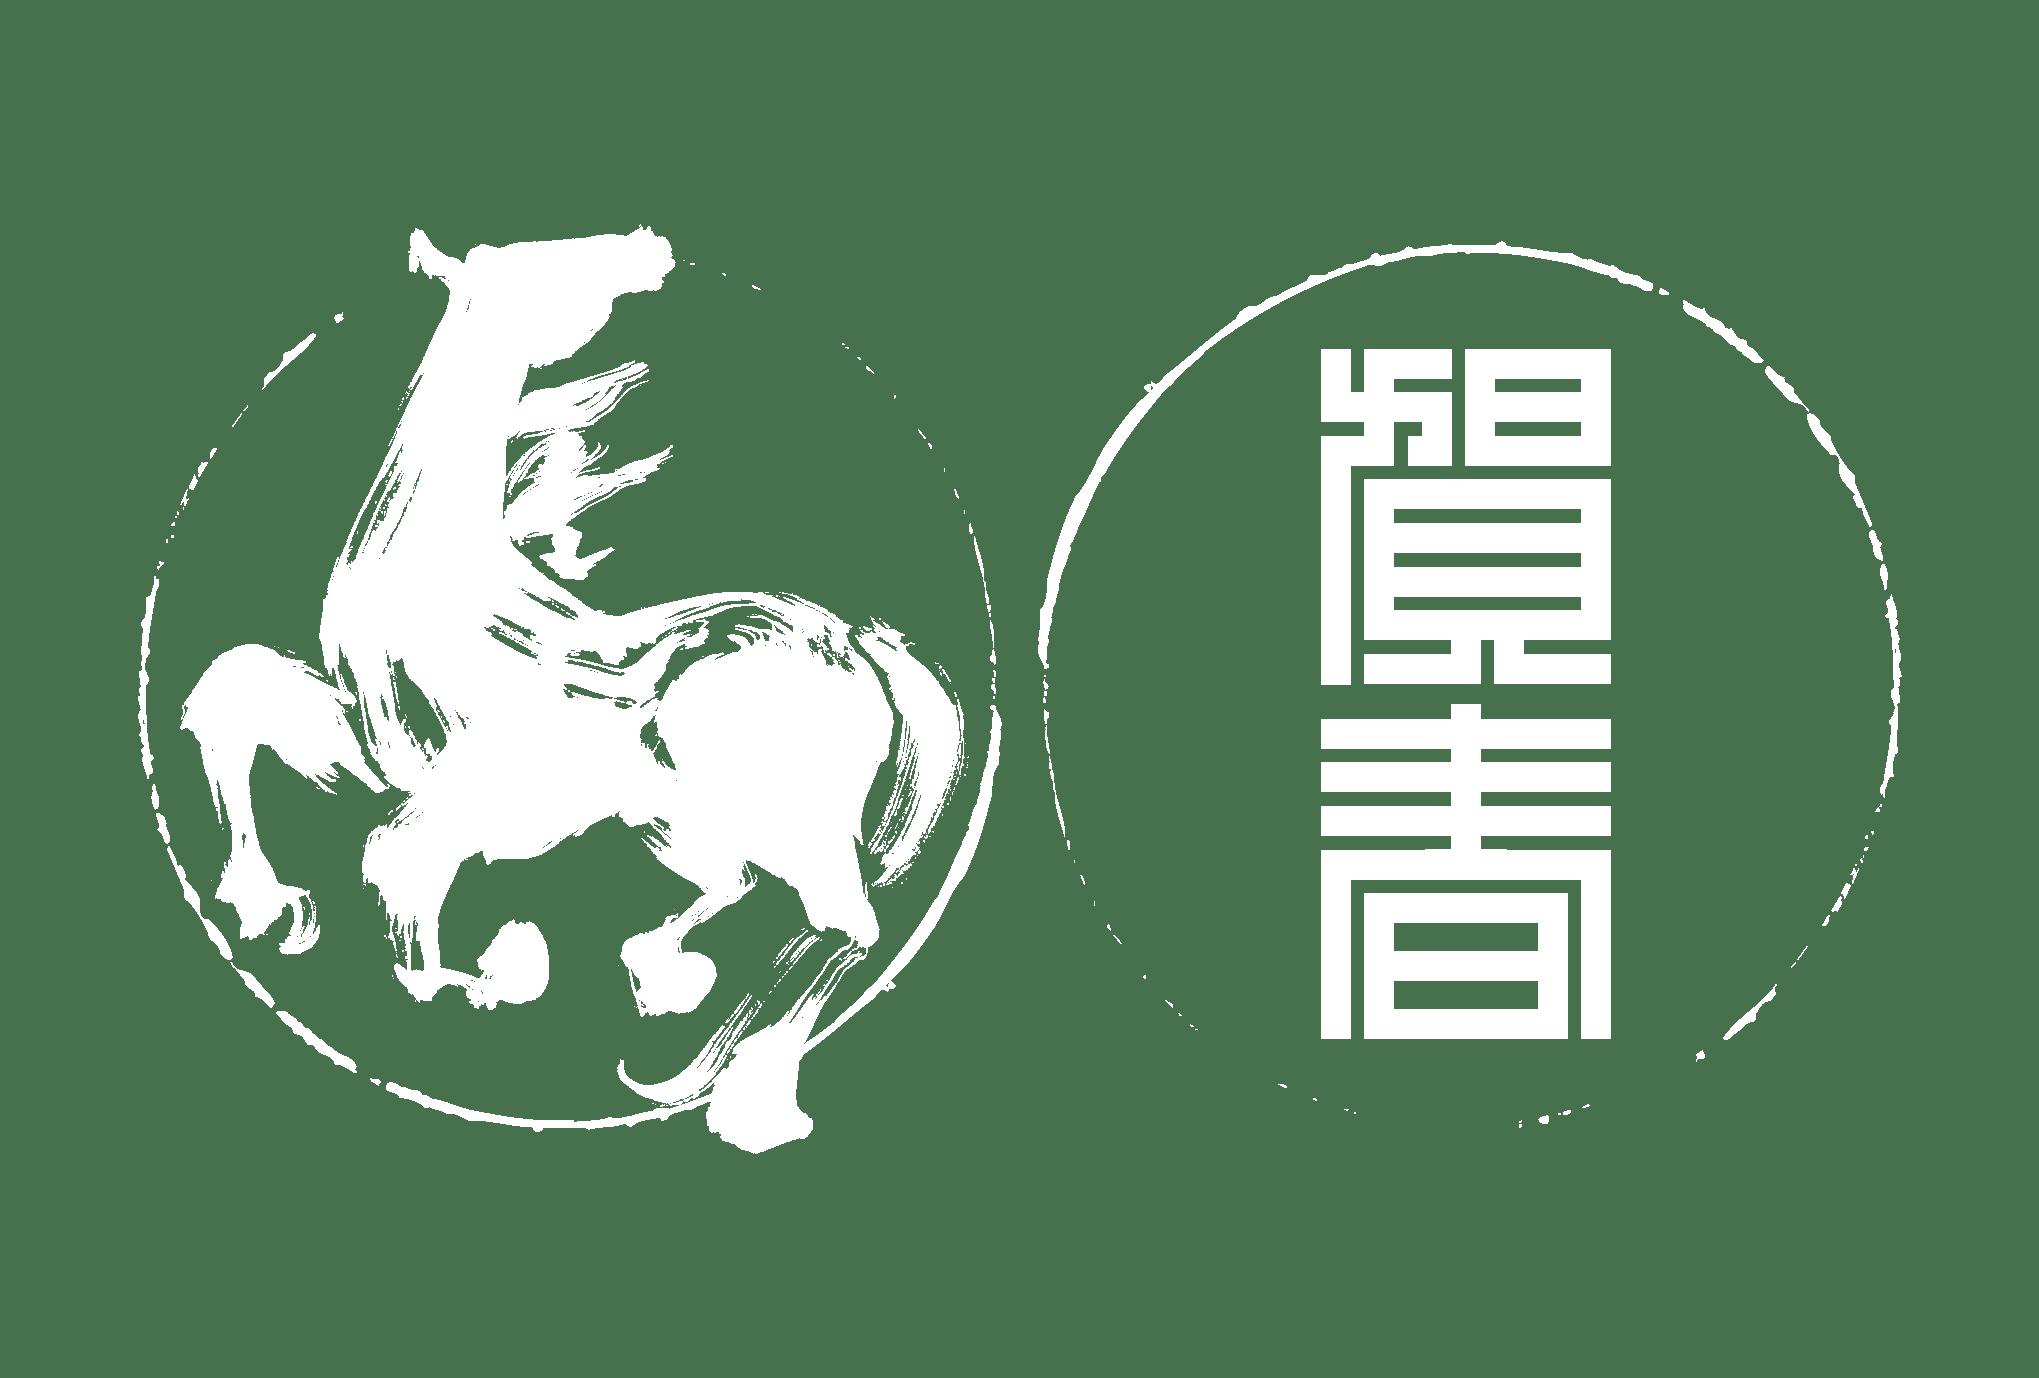 2014年賀状13:馬 Calligraphy(透過)のダウンロード画像